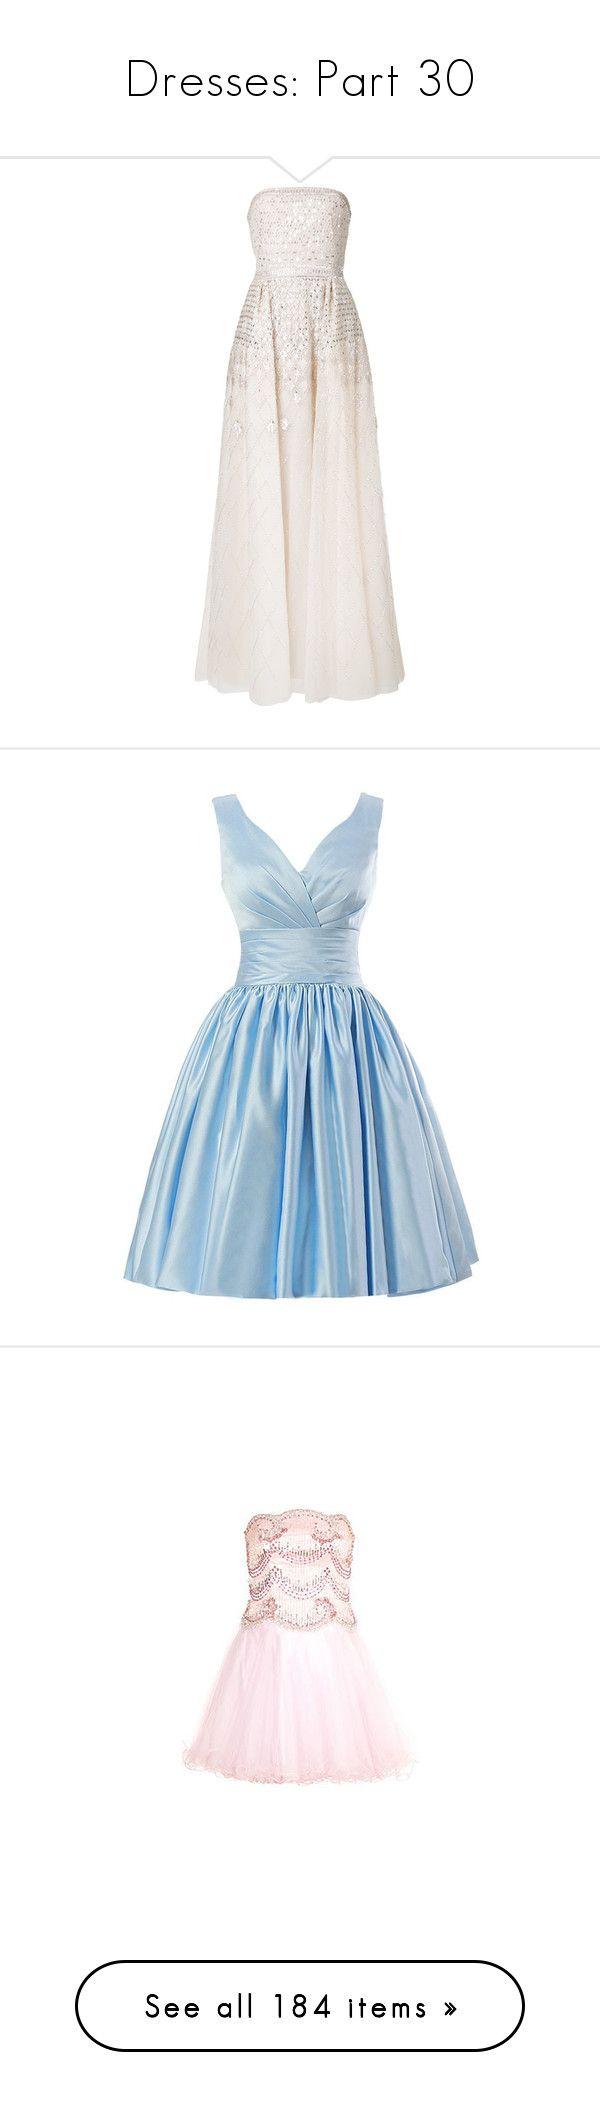 Dresses: Part 30\